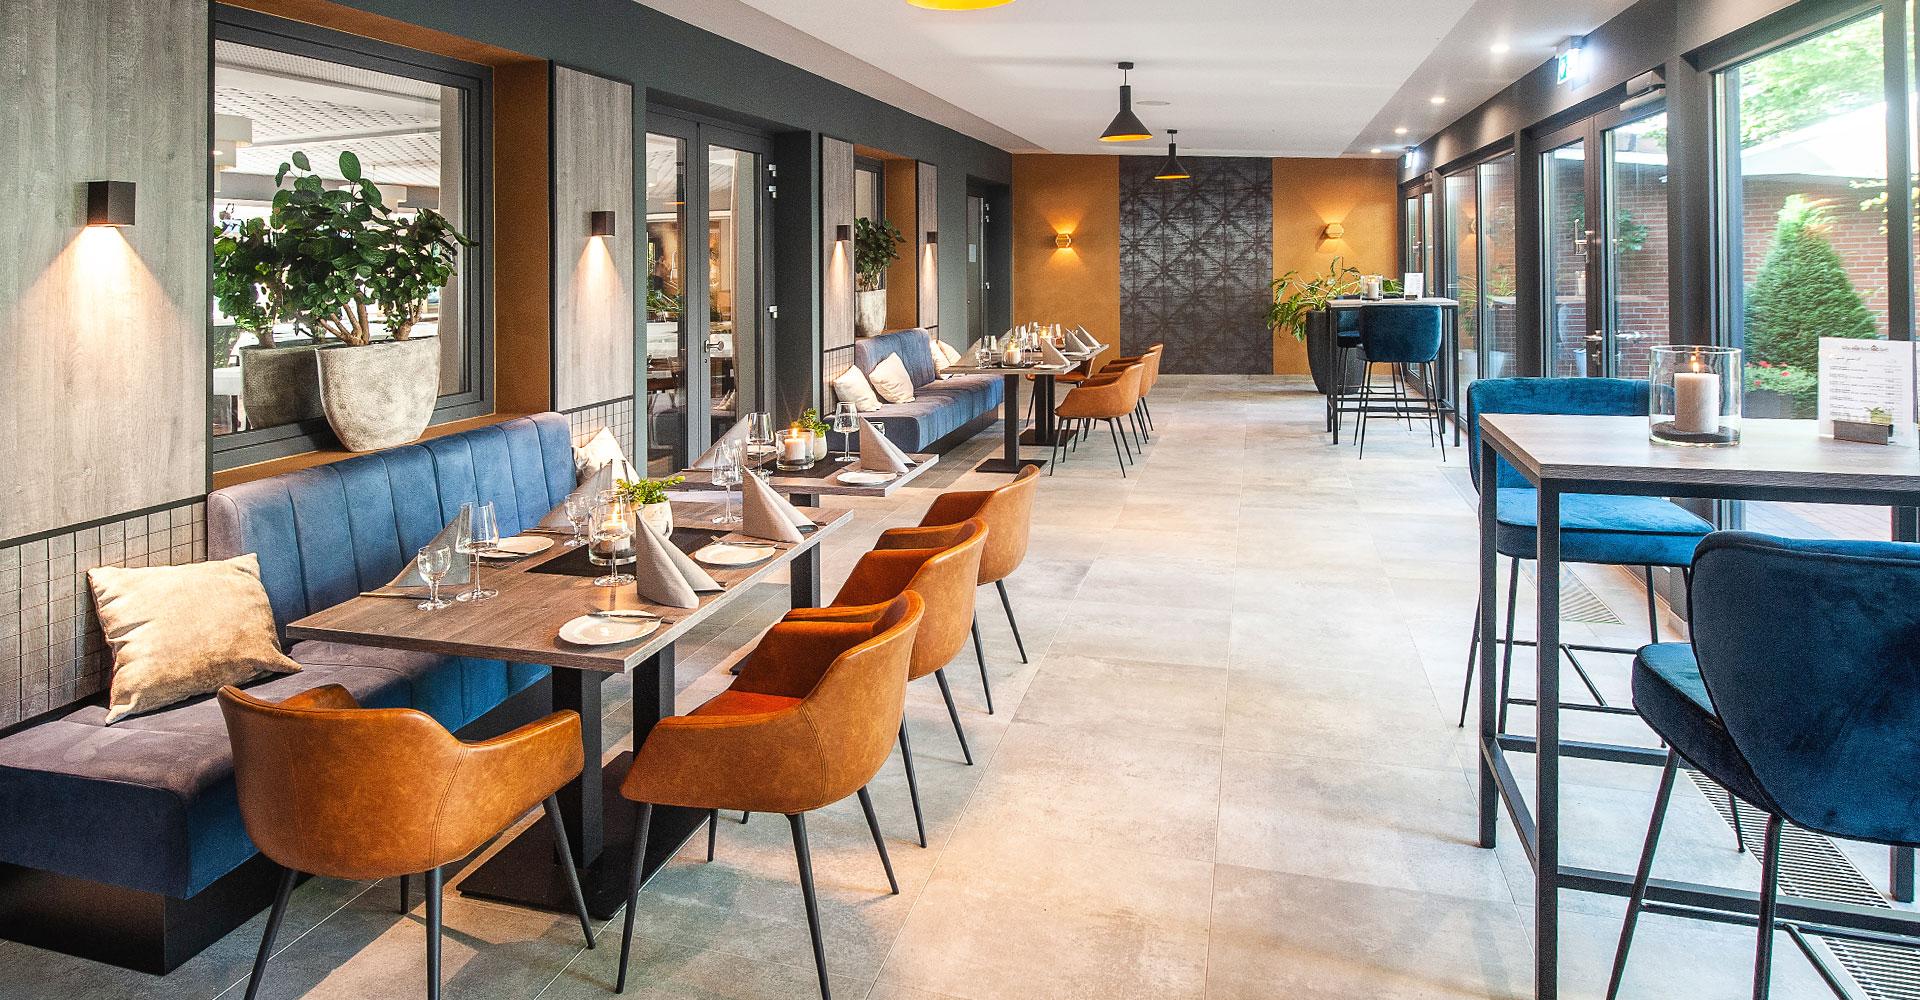 Einblick Hotel und Restaurant in Dinklage